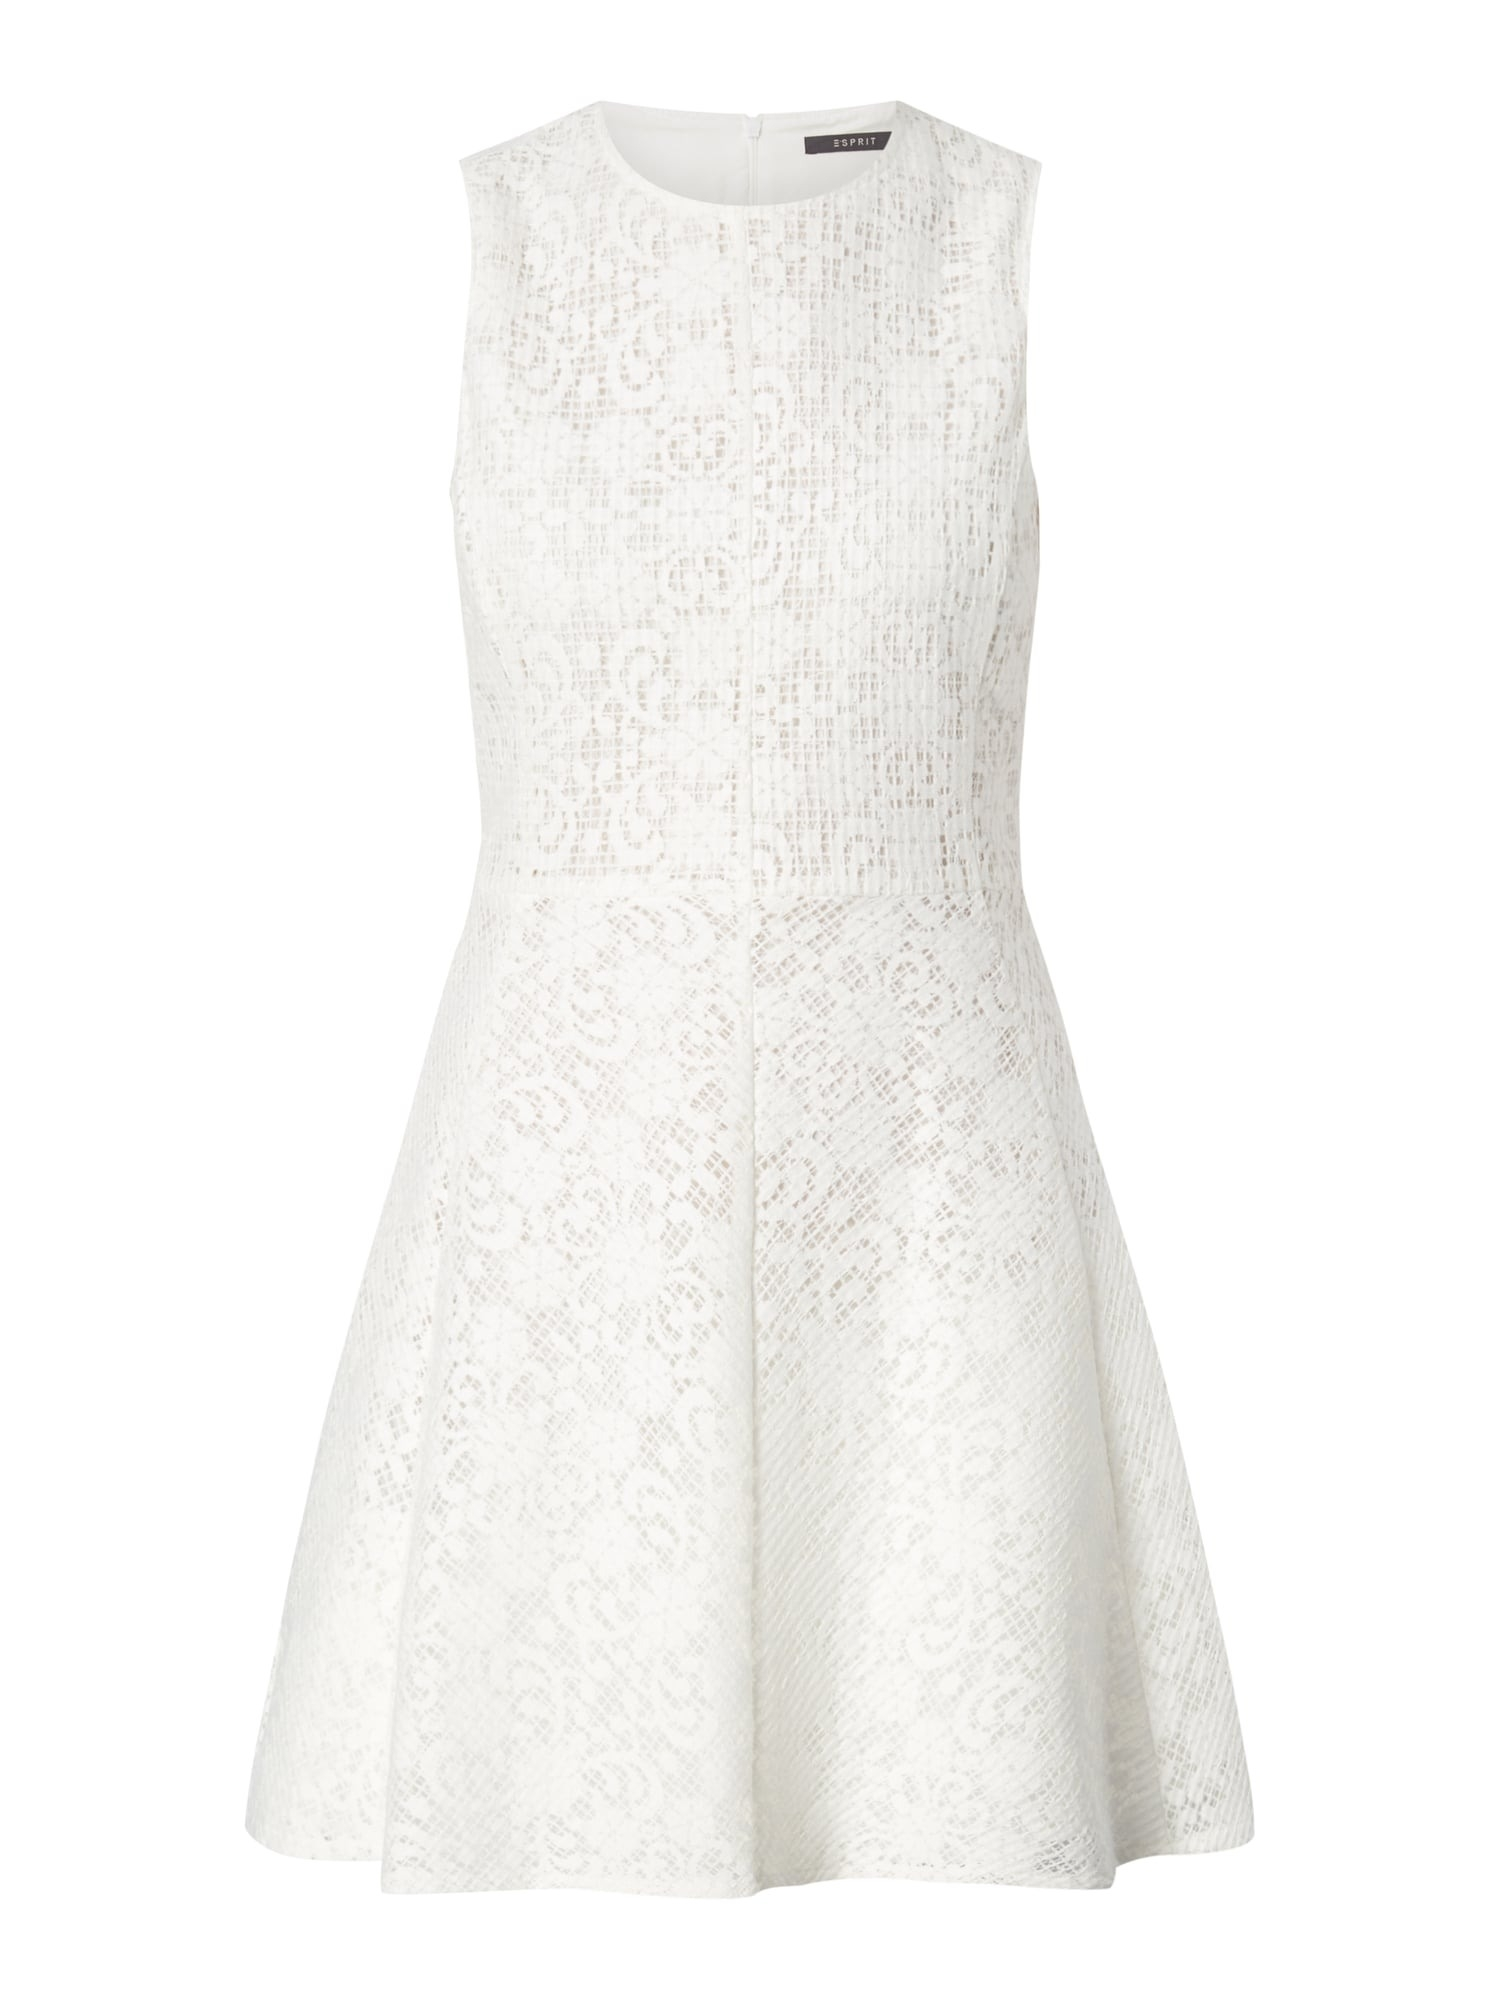 Elegant Kleid Weiß Spitze für 201920 Einfach Kleid Weiß Spitze Ärmel